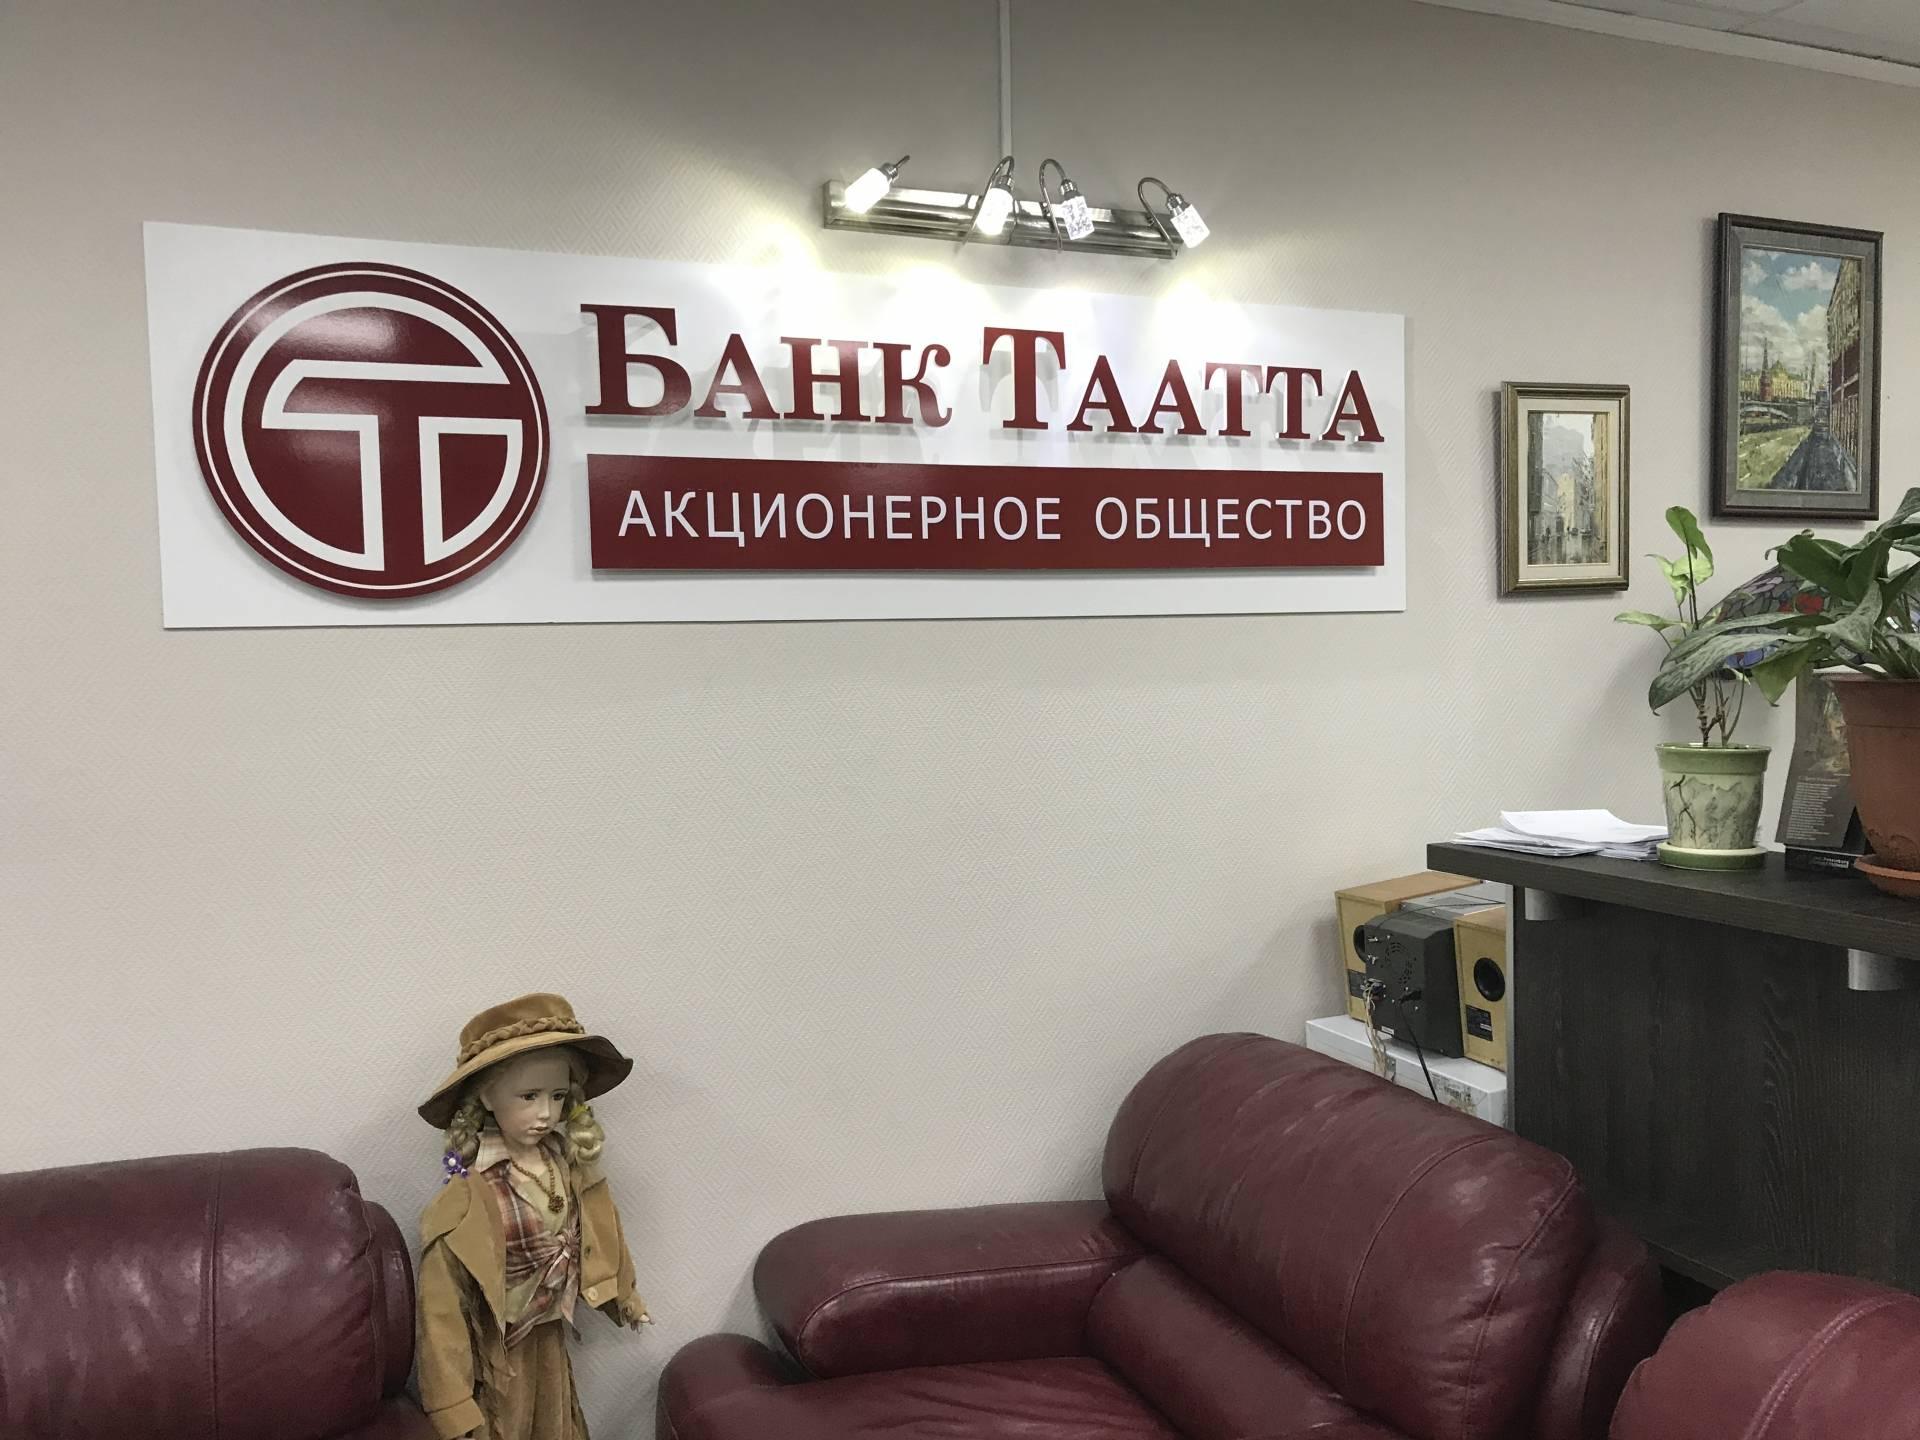 Хищения вбанке «Таатта» превысили 4,2 млрд руб. — Центробанк